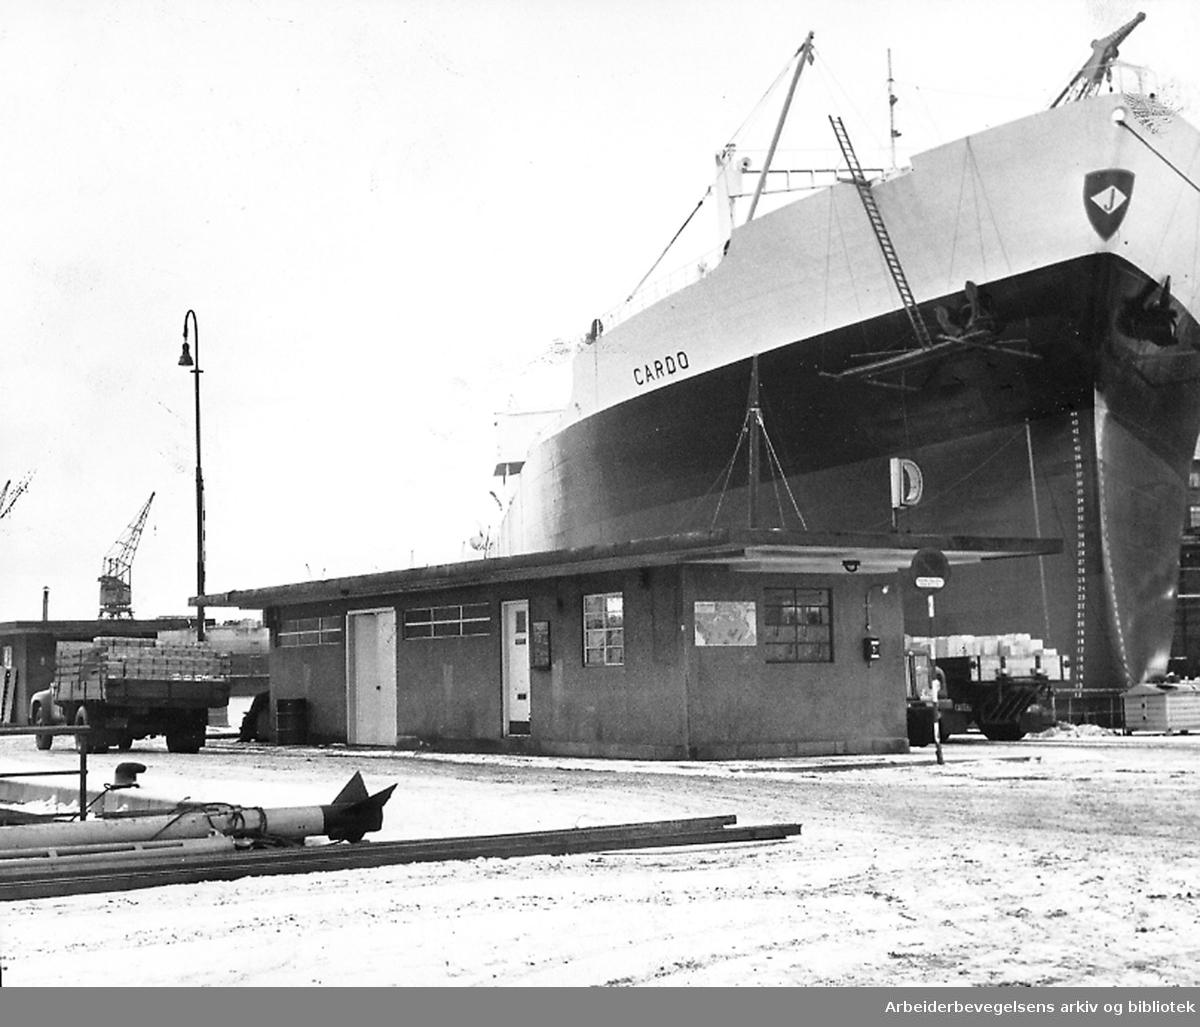 Oslo havn - Utstikker D, 1964